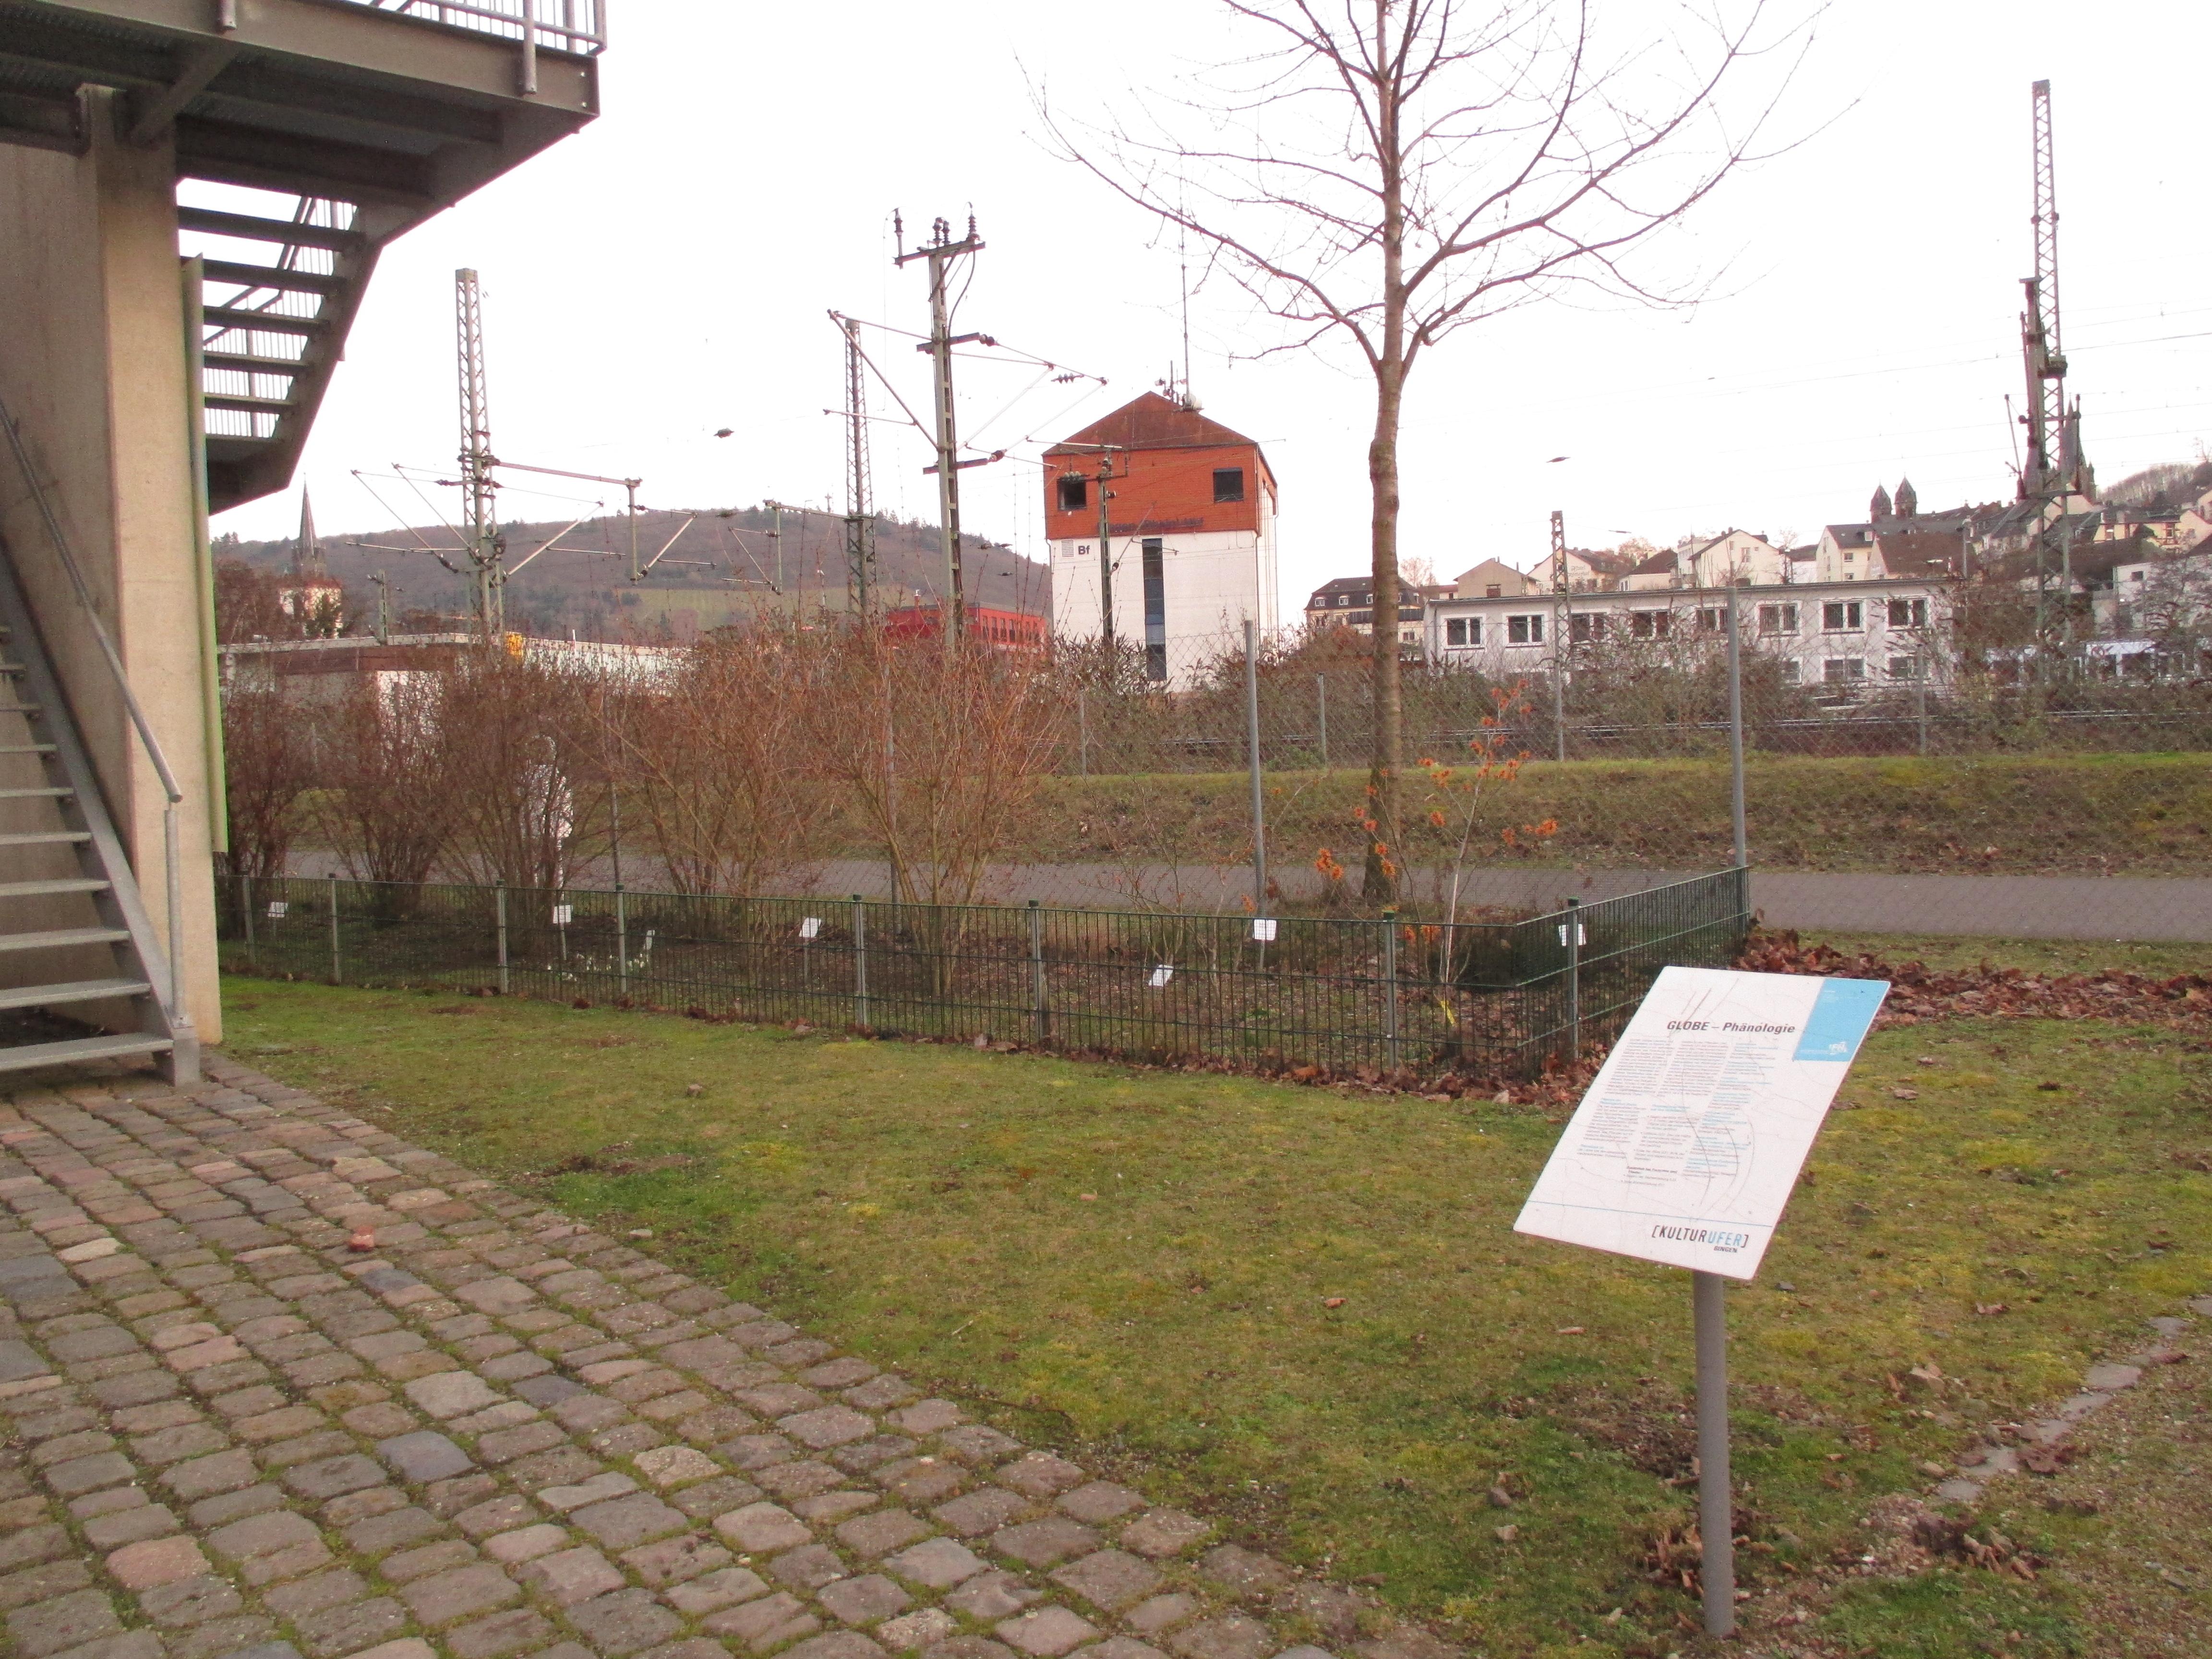 Phänologischer Garten